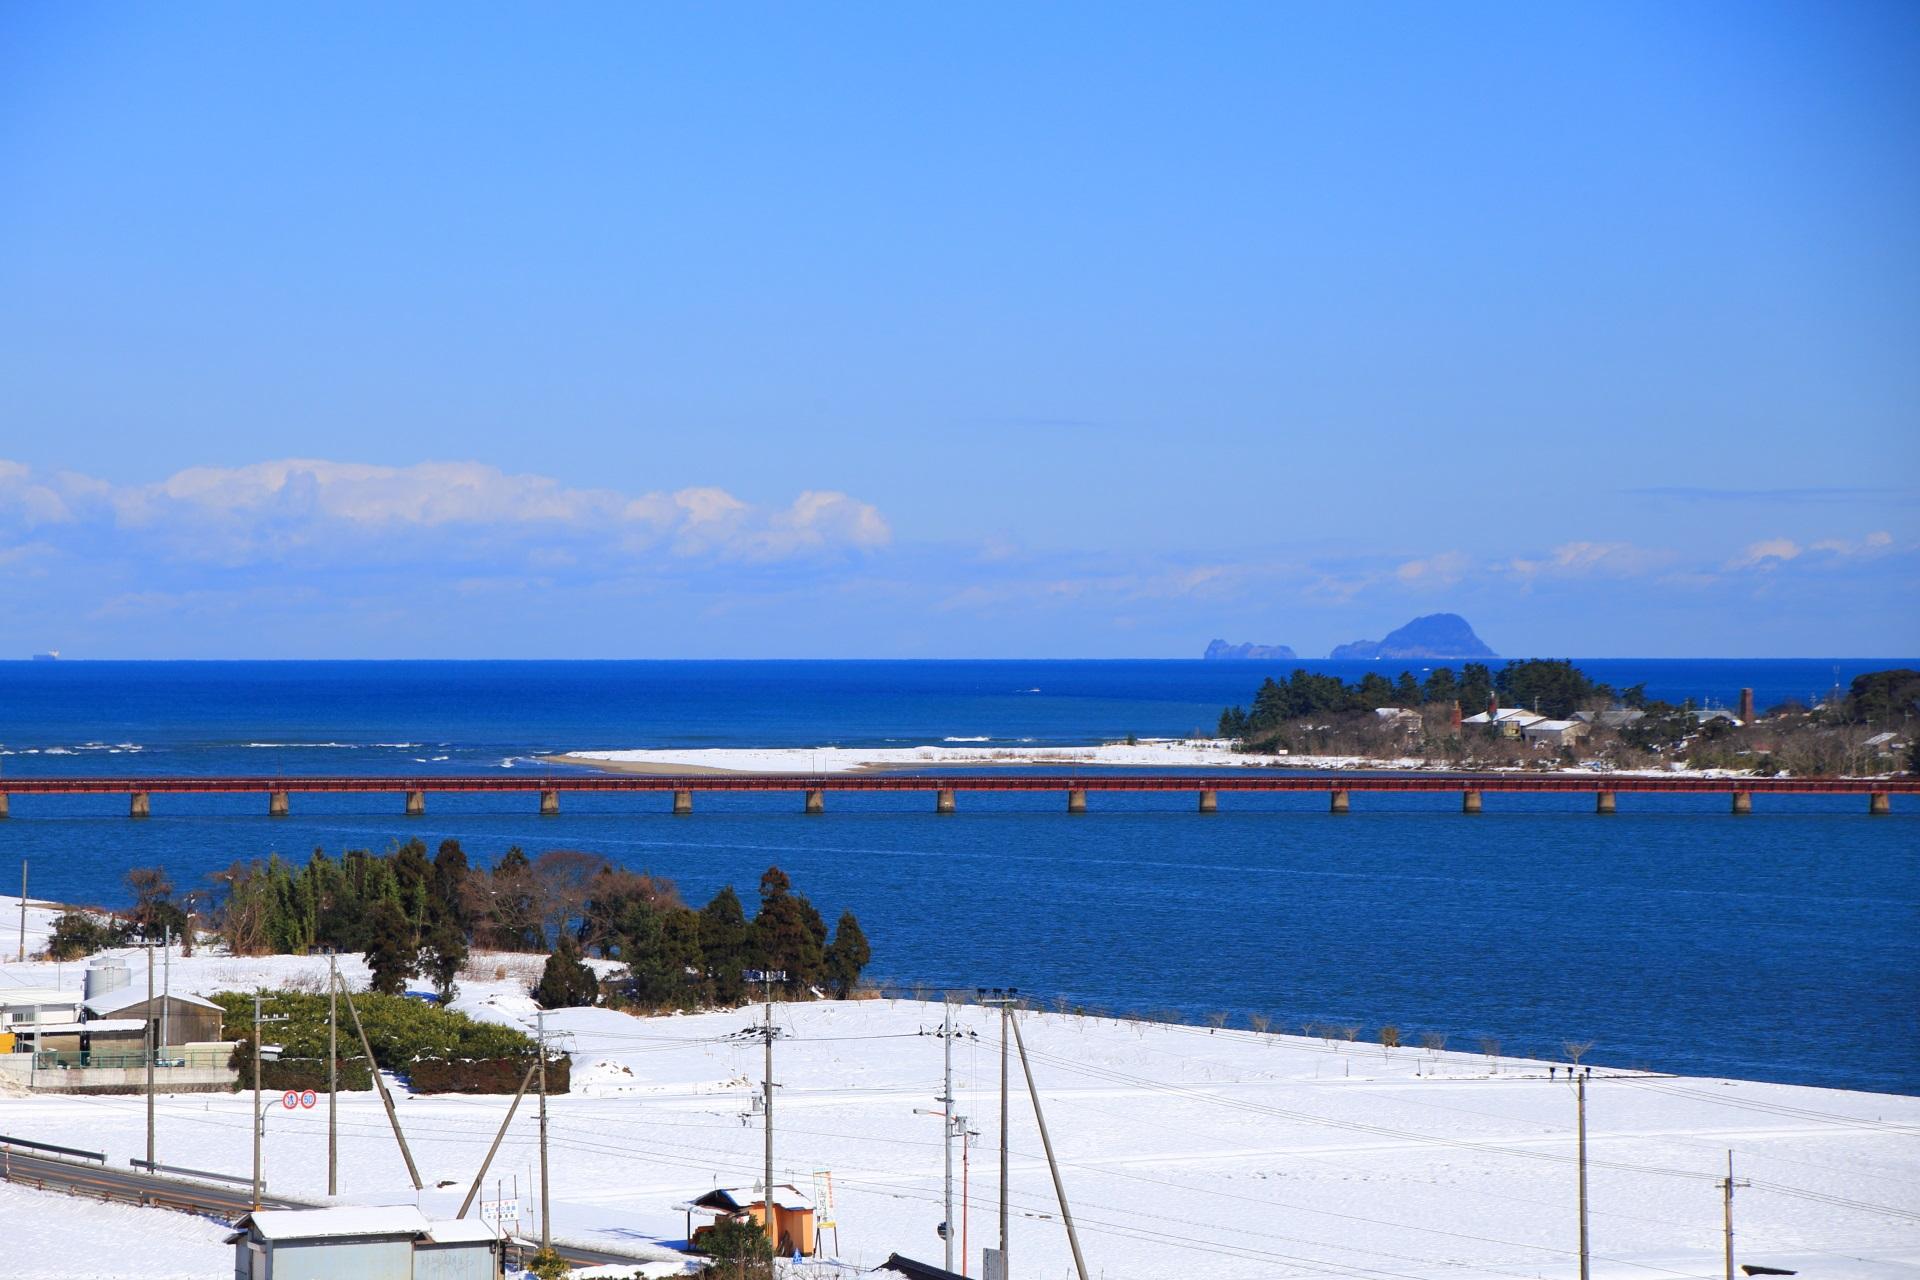 雪の由良川橋梁と青空と青い海